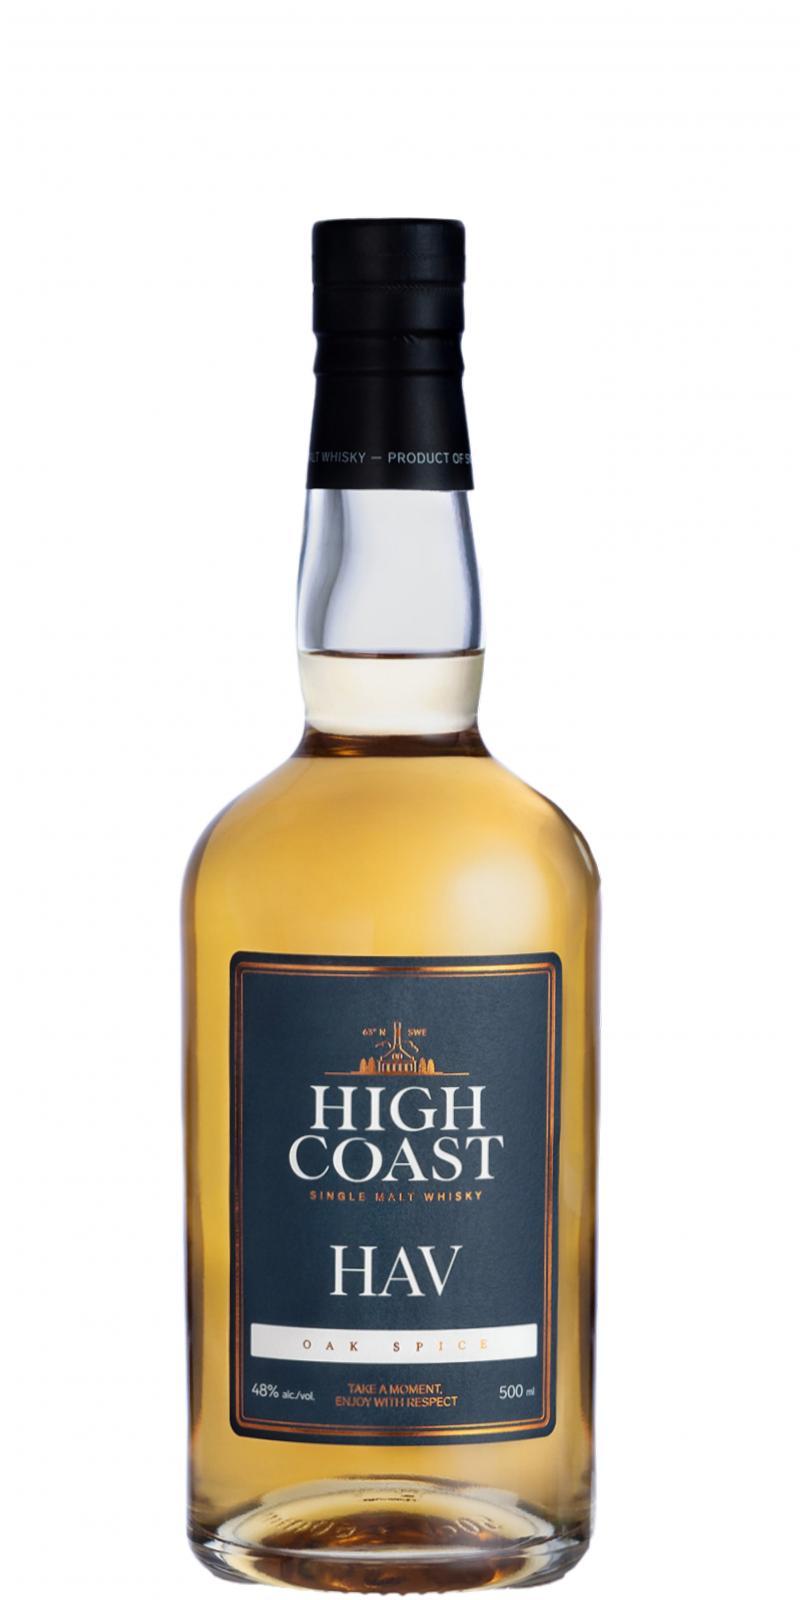 High Coast Hav - Oak Spice